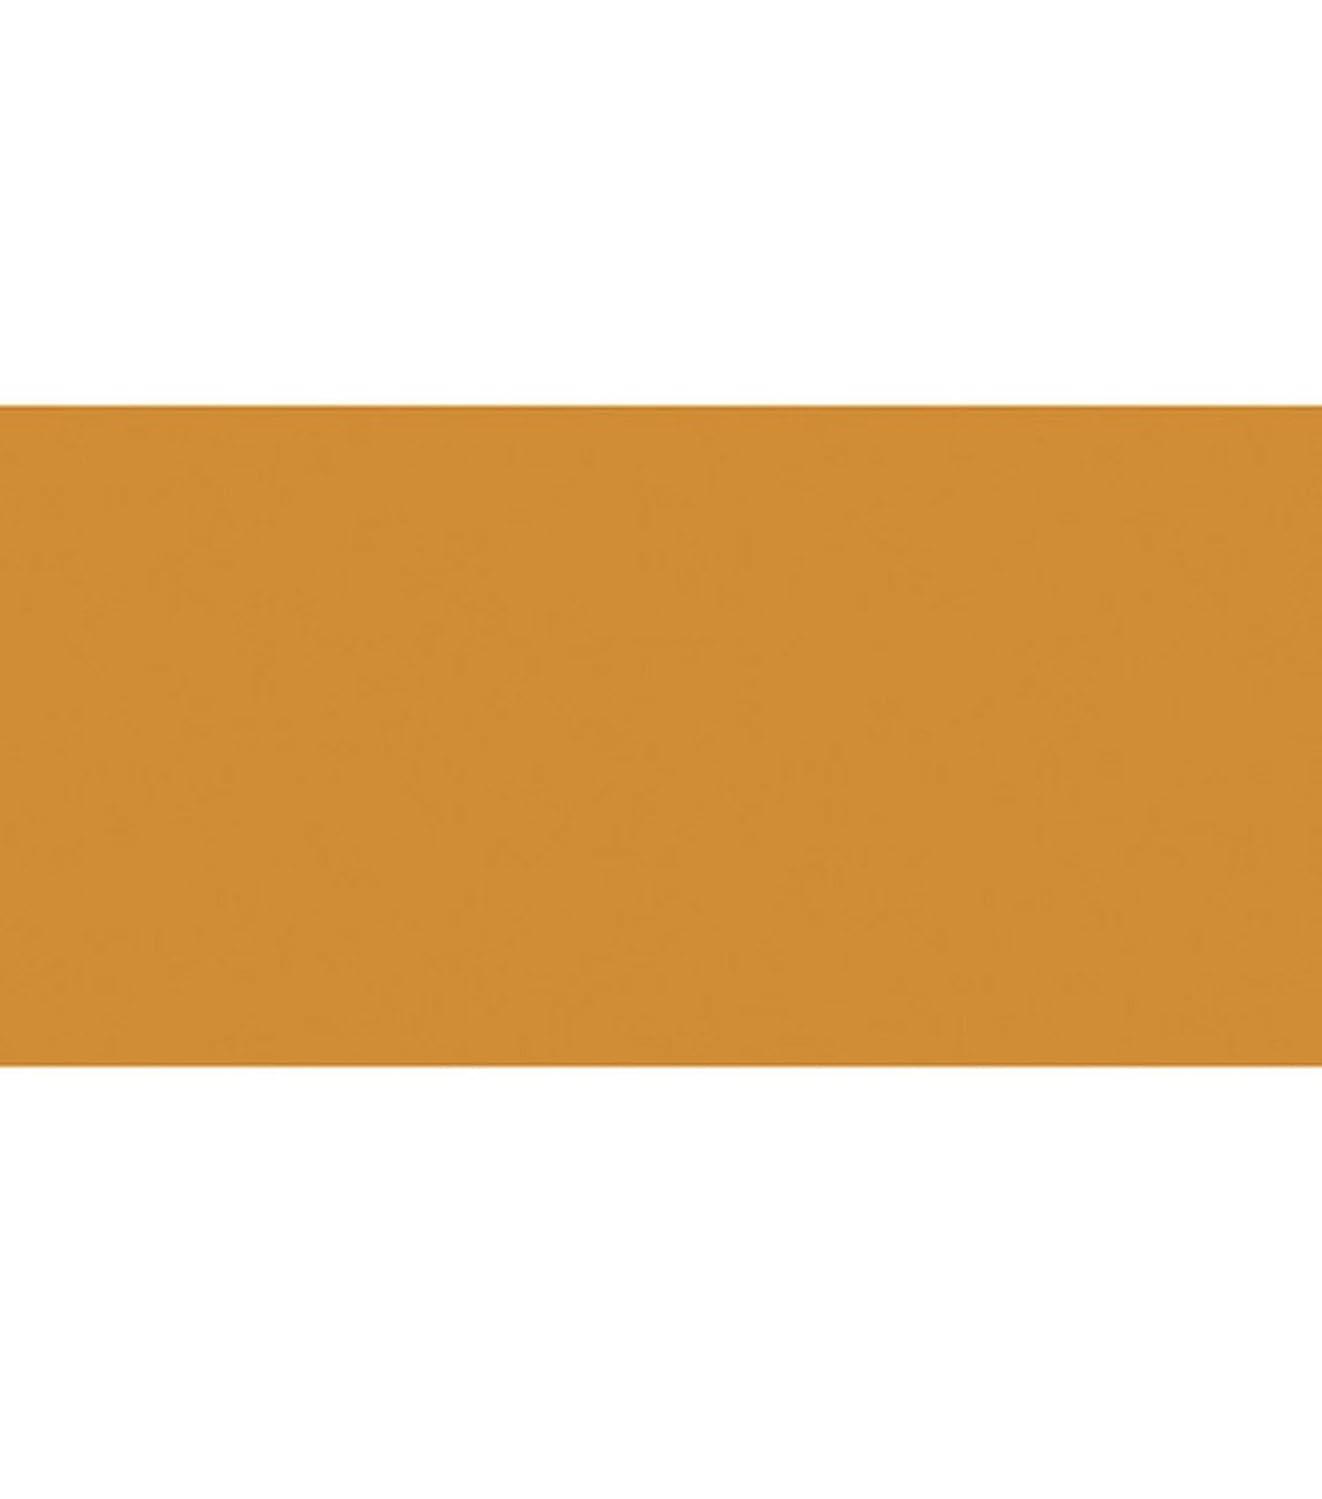 Jacquard Products iDye Fabric Dye: Gold Ochre